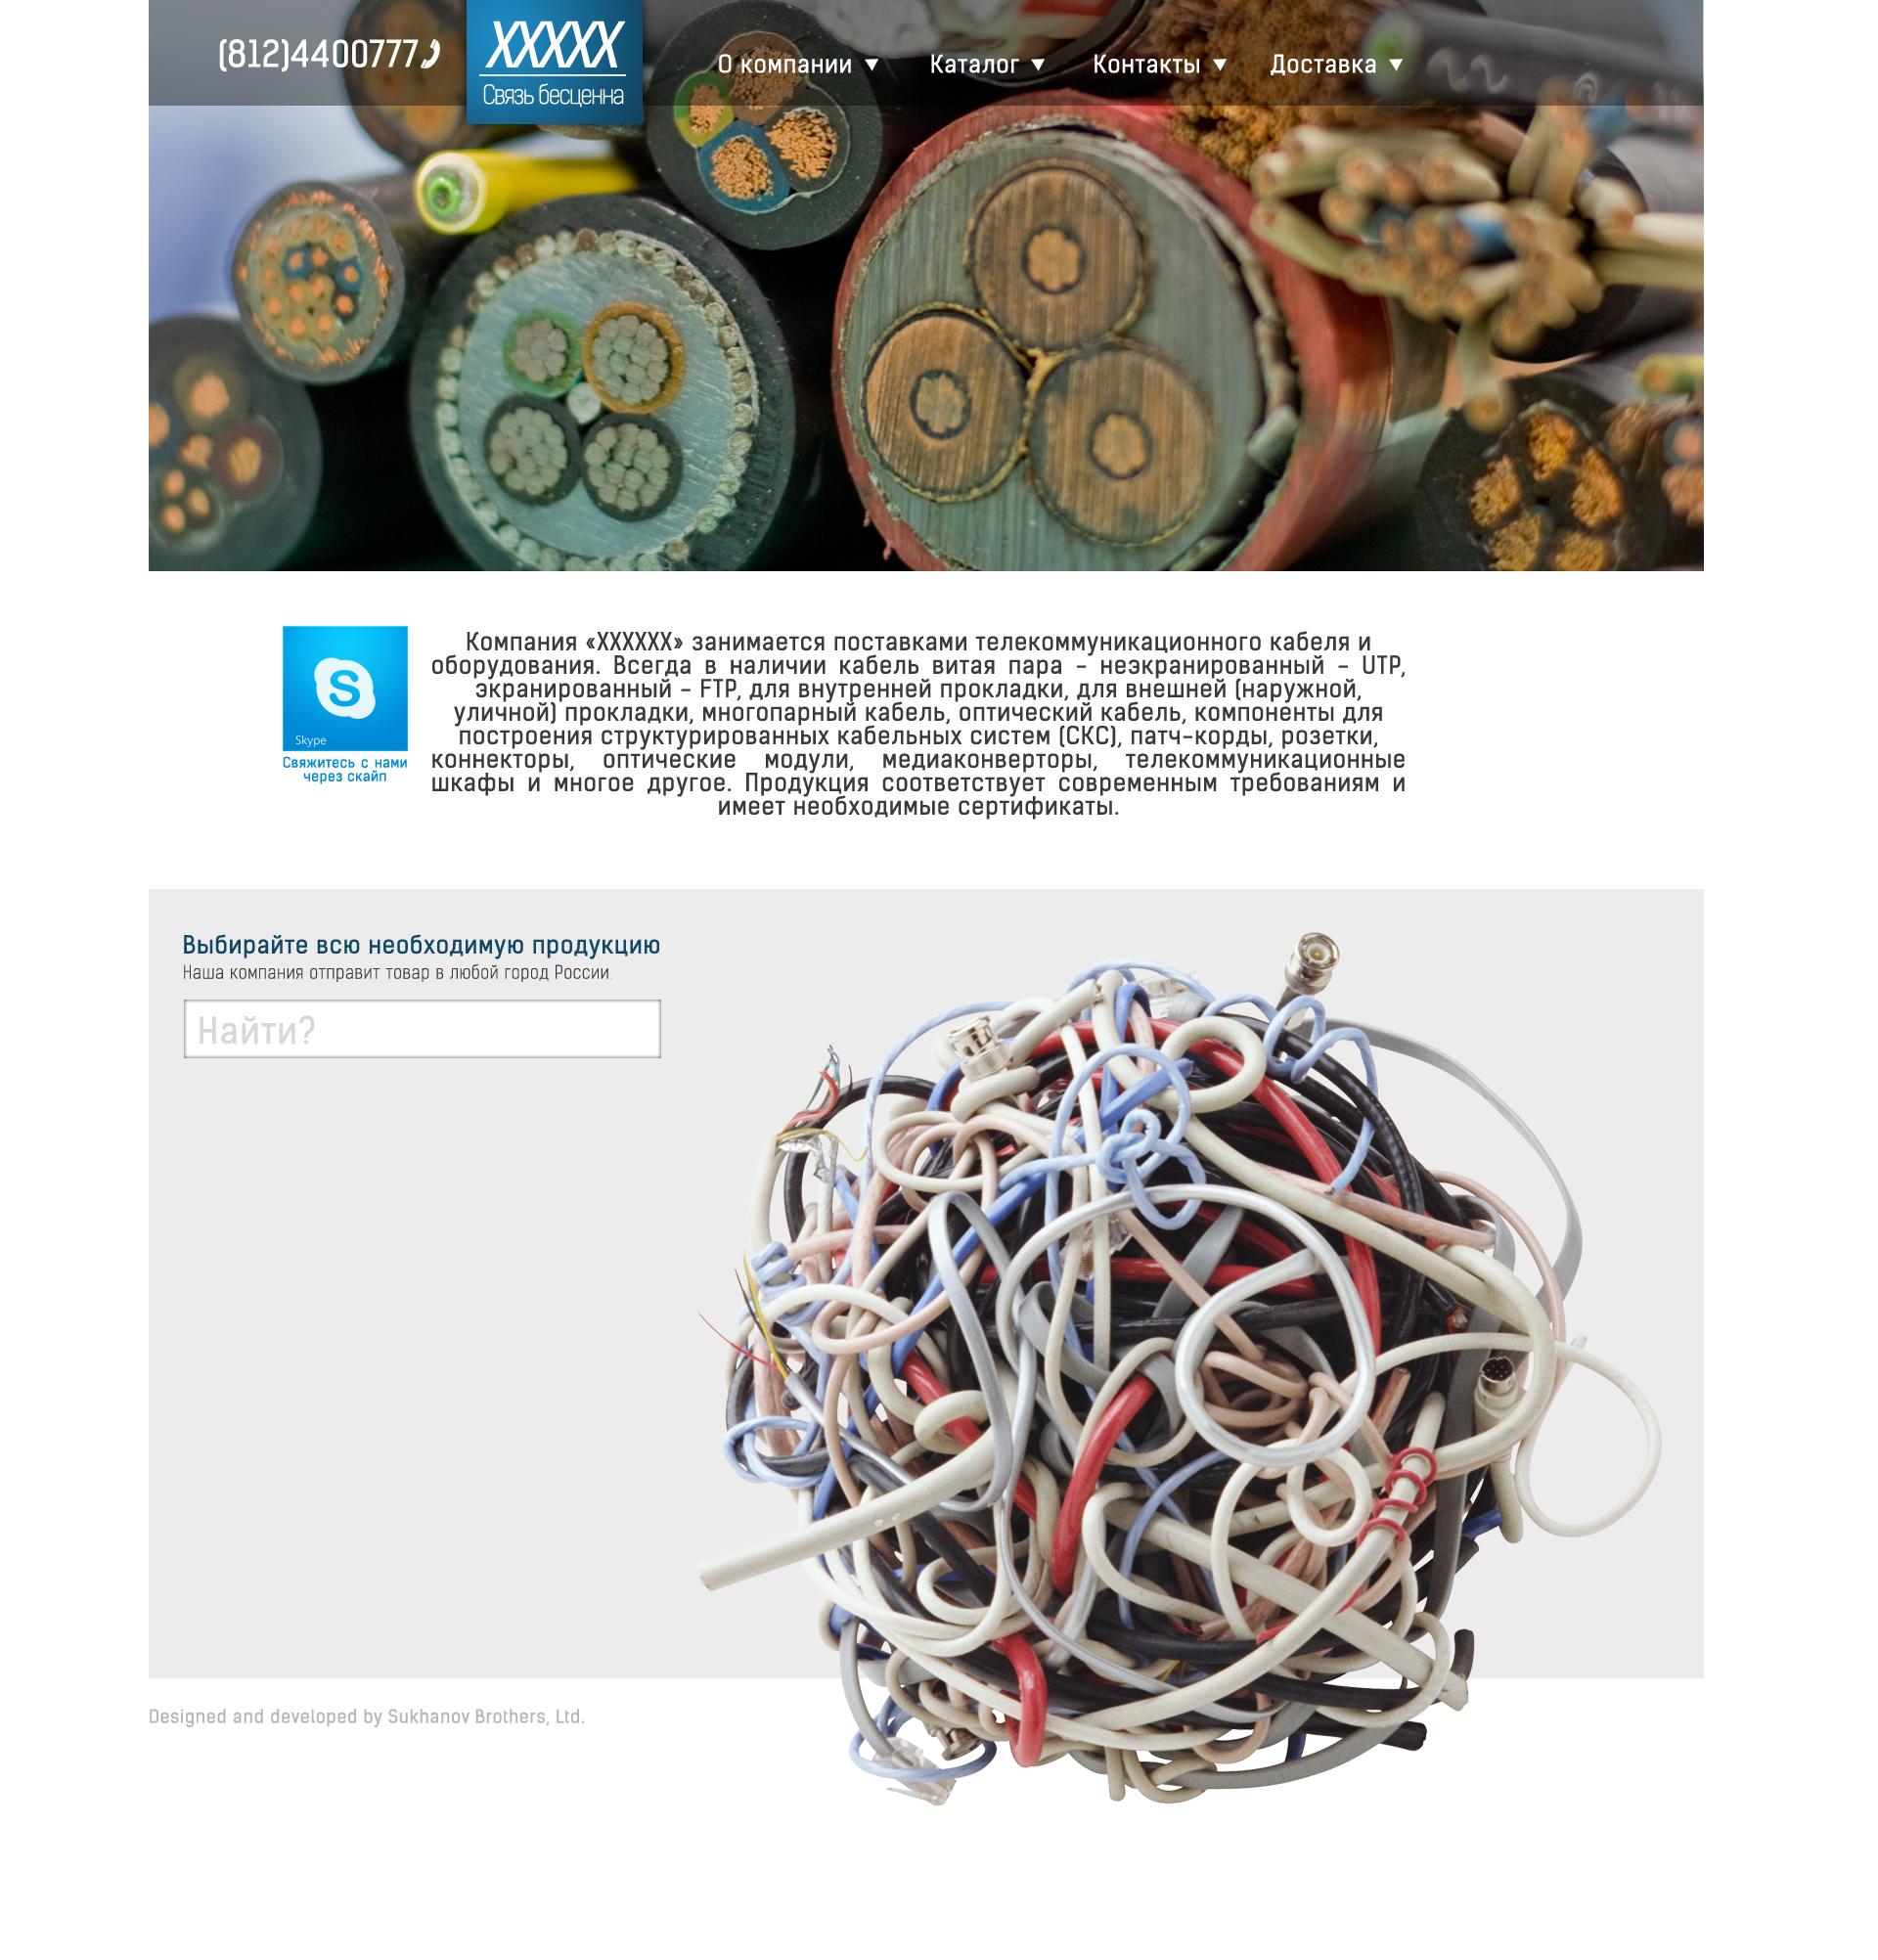 Веб дизайн сайтов и разработка концепций и лэндингов